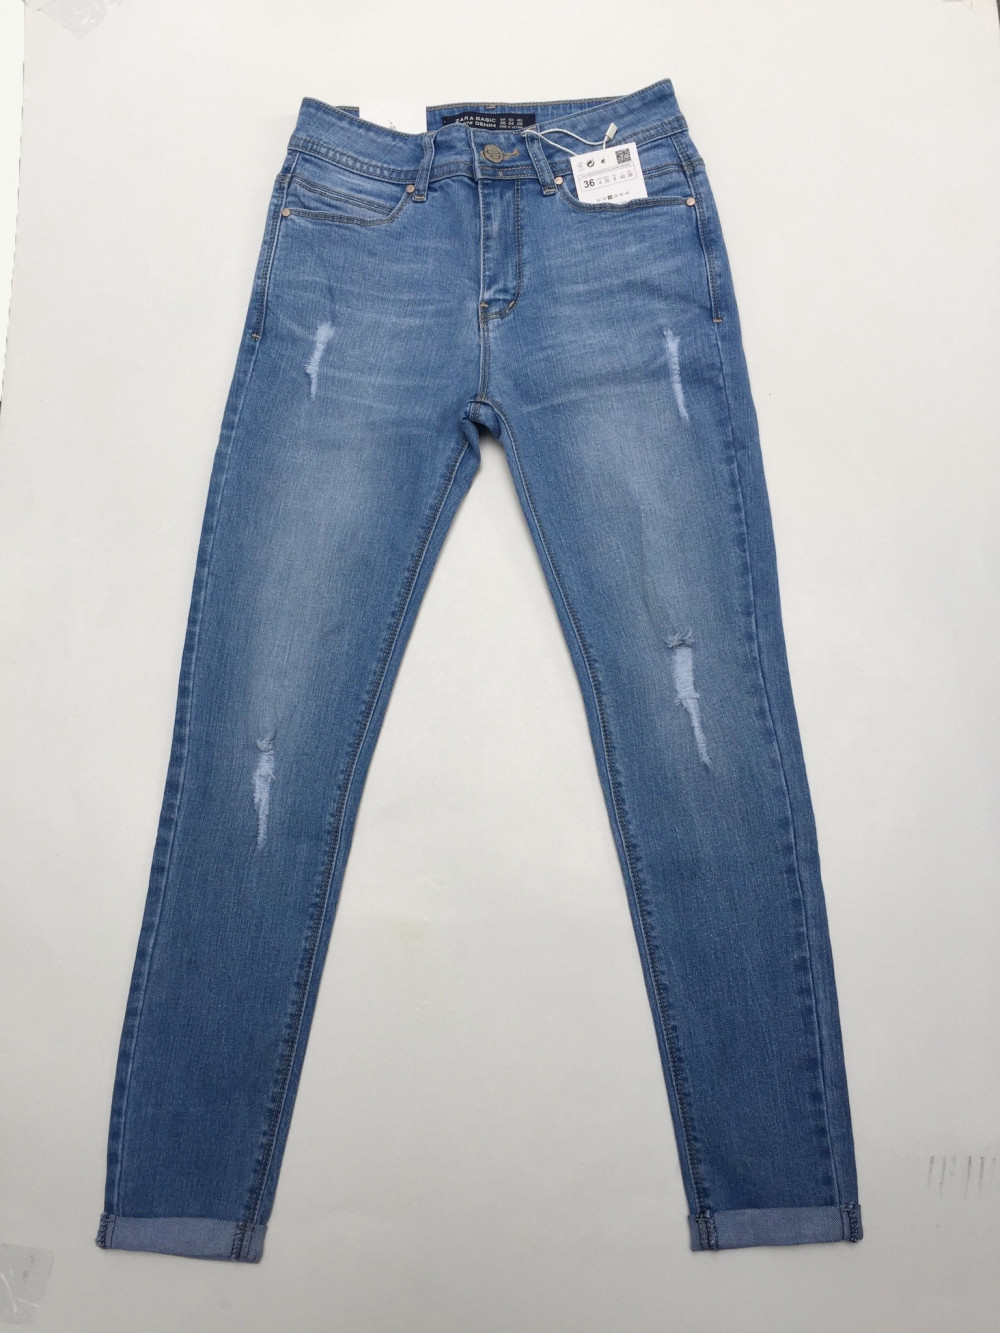 Xưởng bỏ sỉ quần jean nữ uy tín tphcm - 2